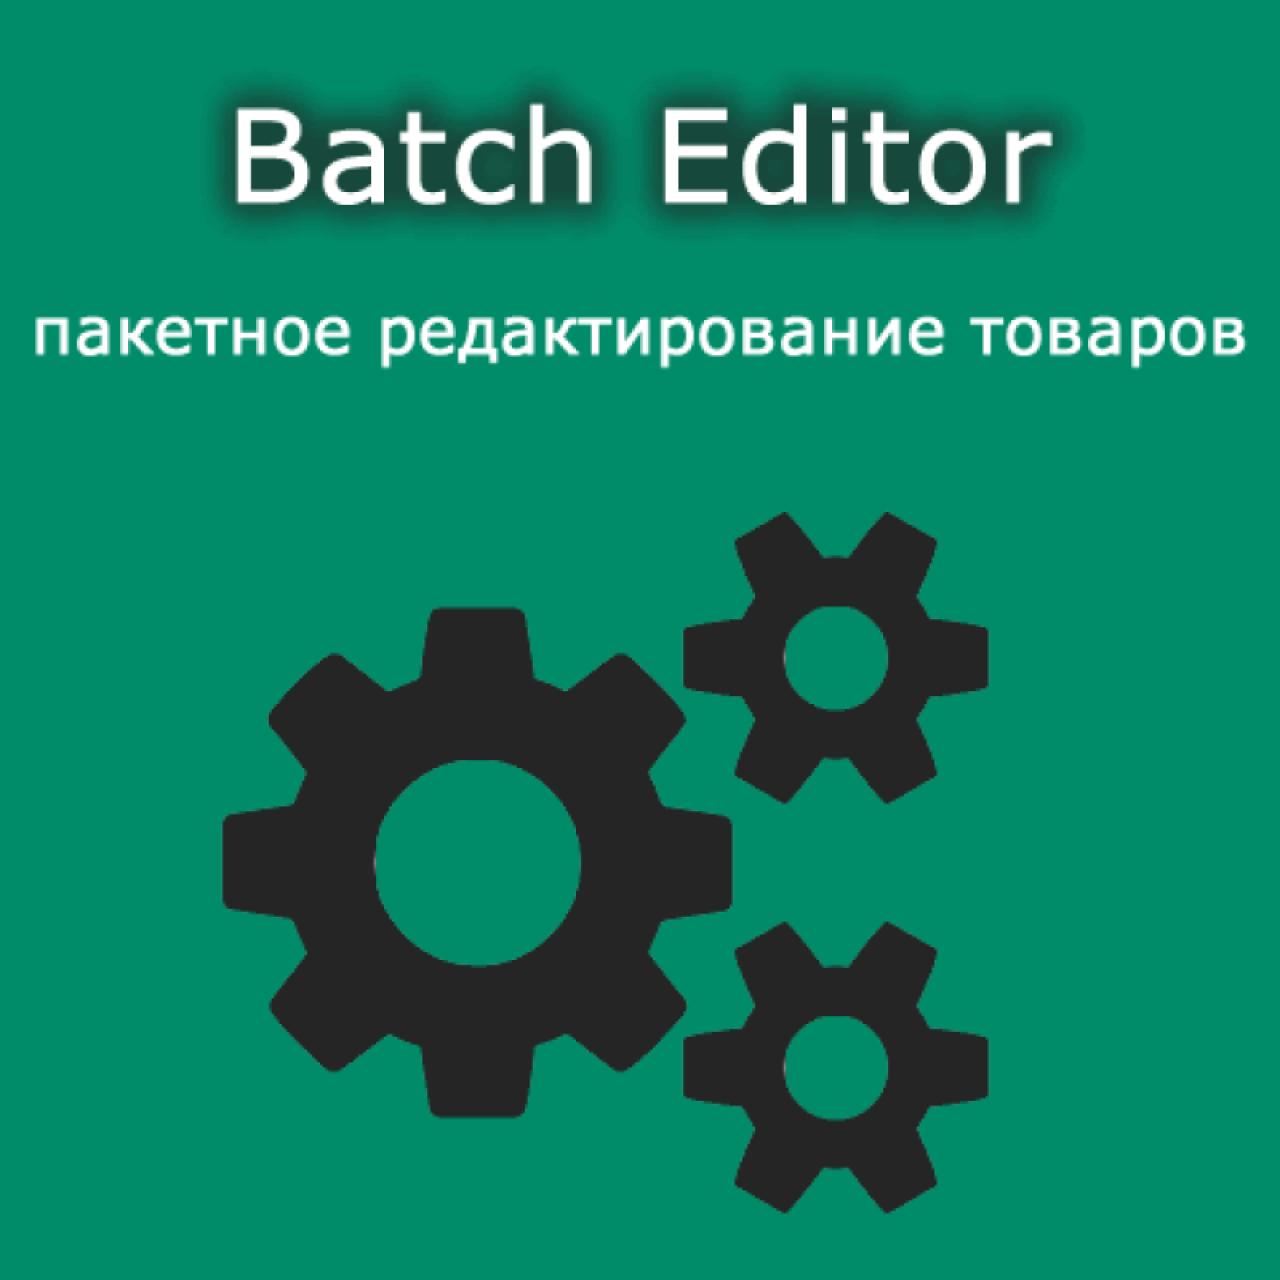 Модуль Batch Editor - пакетное редактирование товаров ocStore/Opencart 2.x/3.x из категории Редакторы для CMS OpenCart (ОпенКарт)